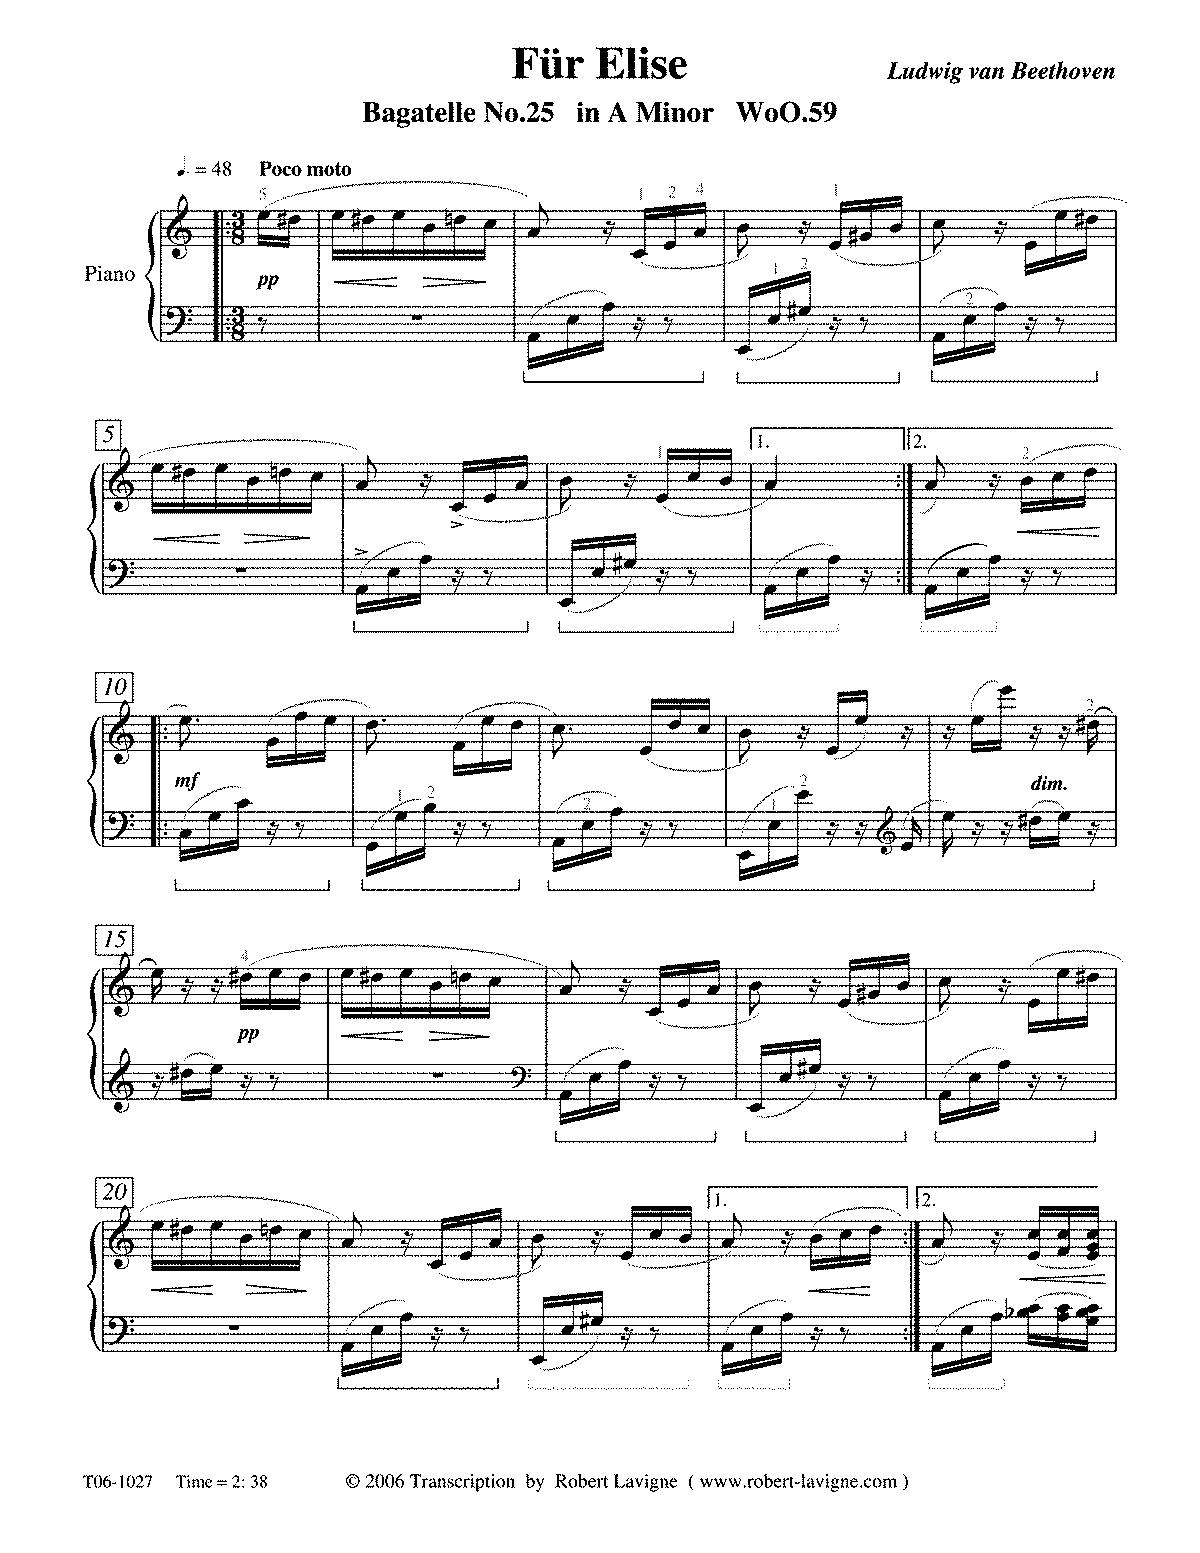 Fur Elise Free Printable Sheet Music - Music-for-Music ...